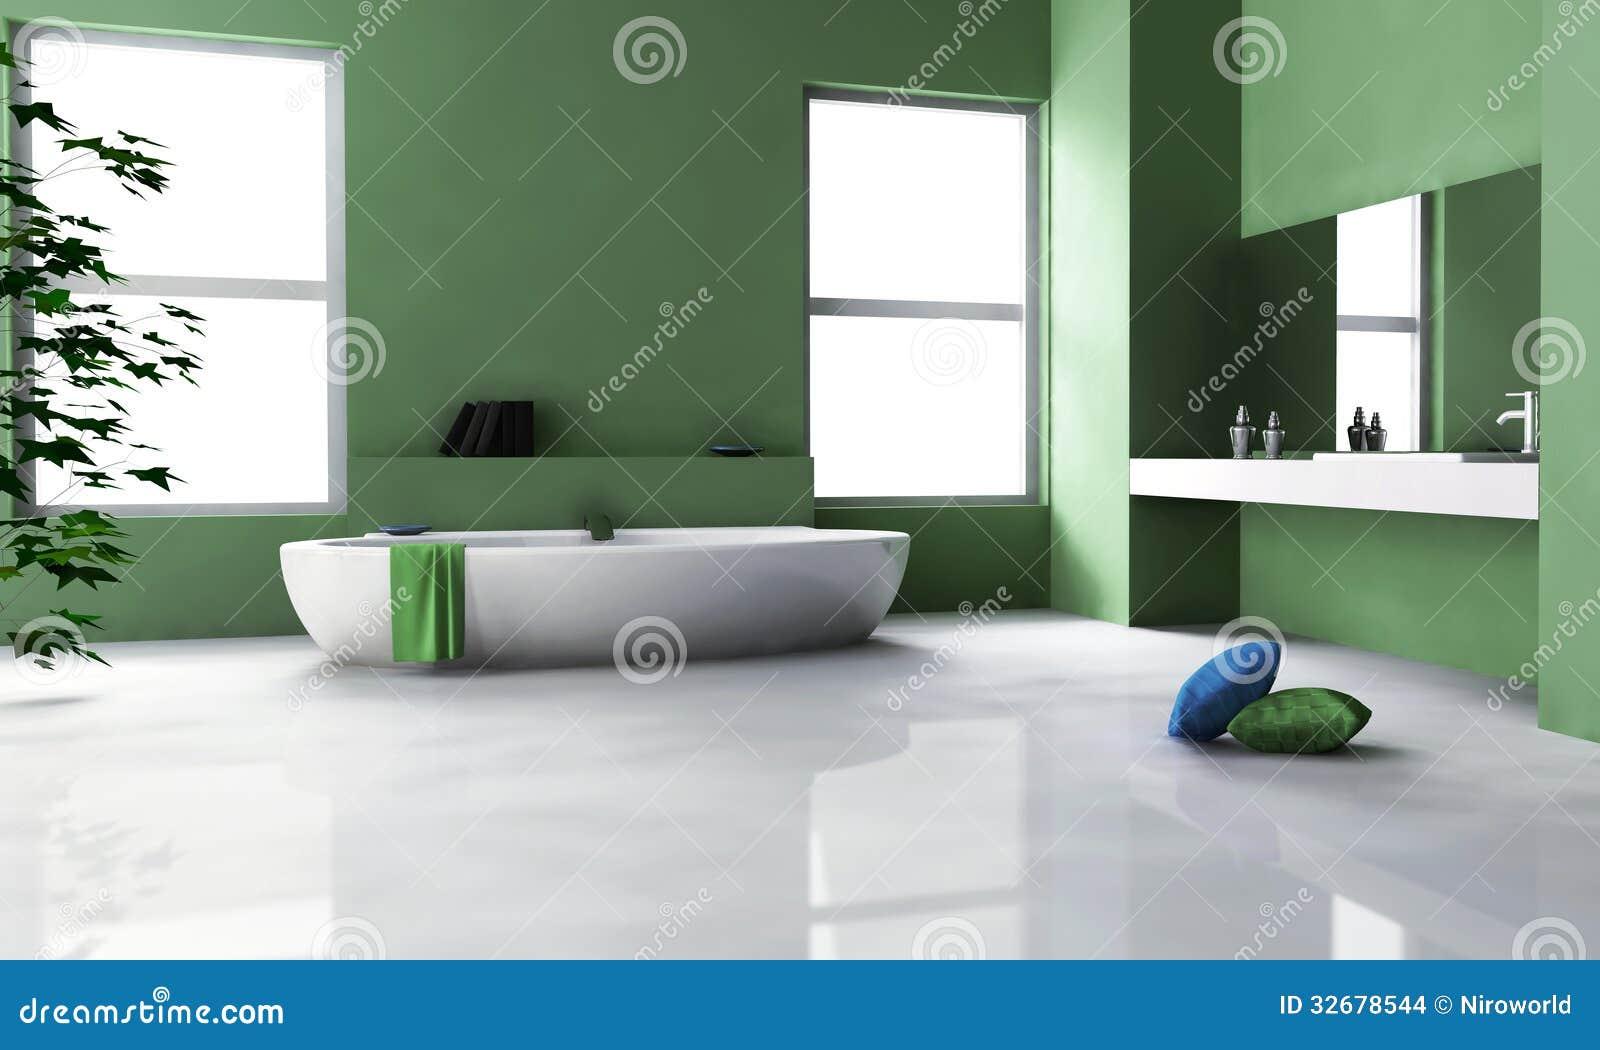 Diseño Interior Del Cuarto De Baño Verde Imagenes de ...